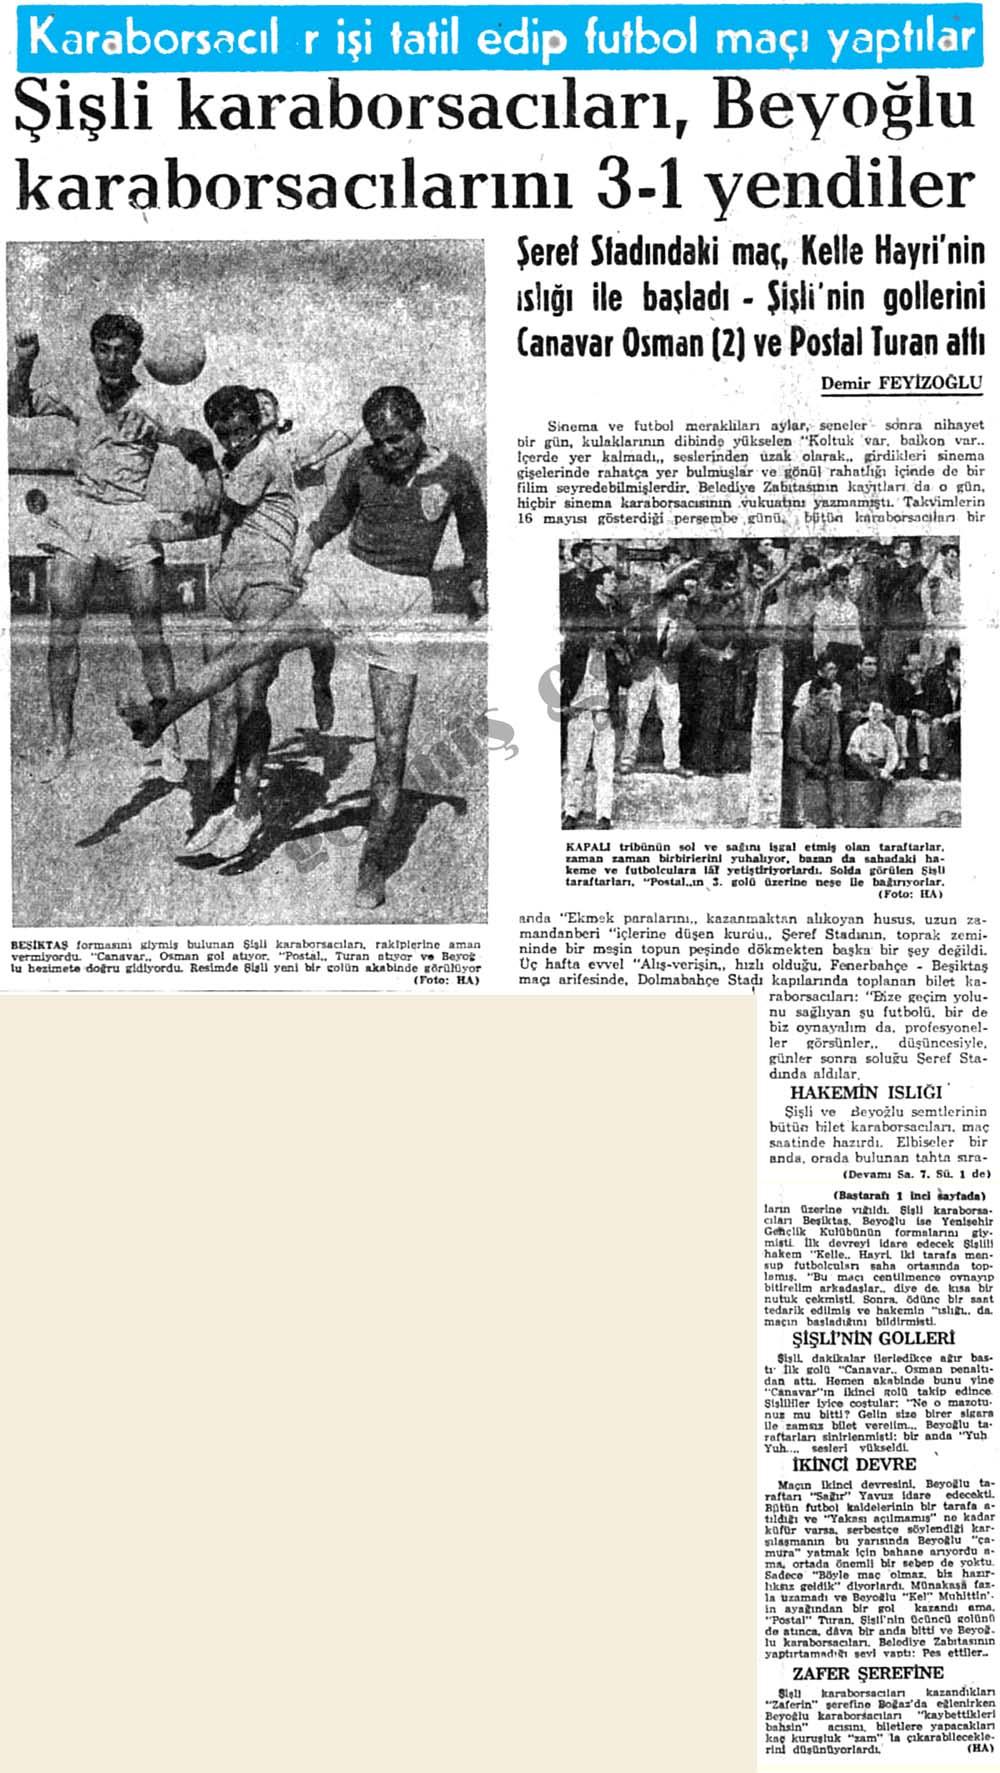 Karaborsacılar işi tatil edip futbol maçı yaptılar